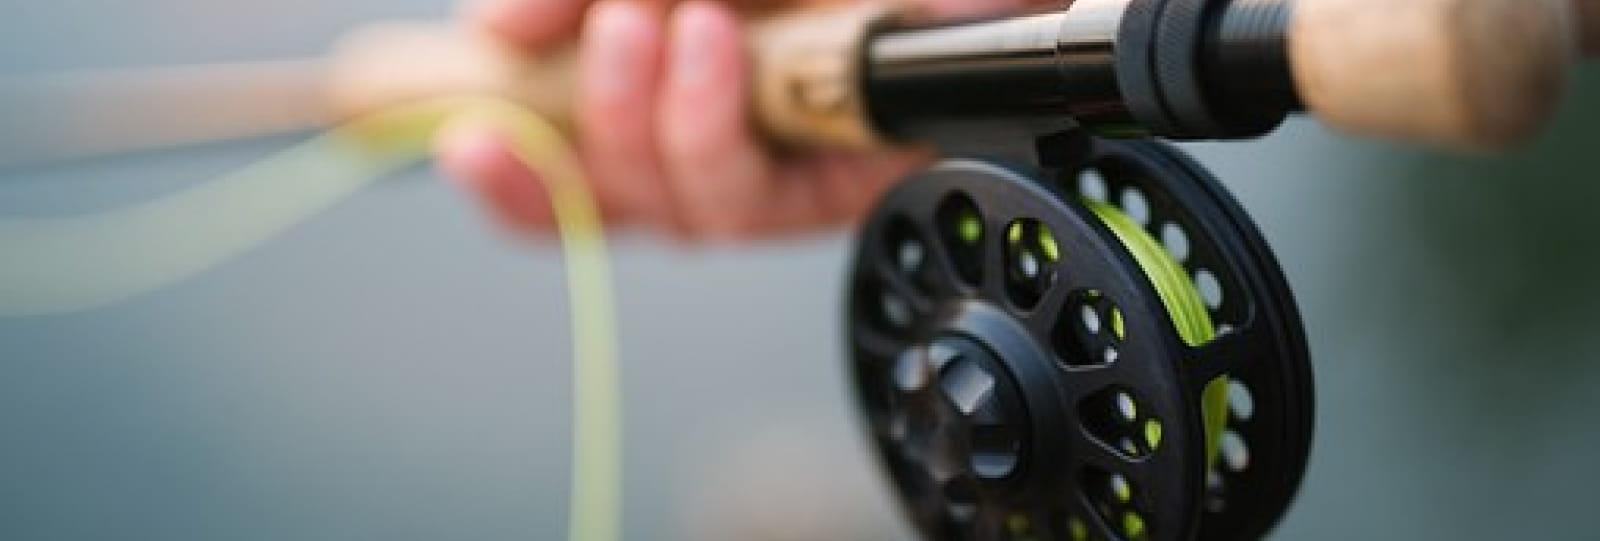 Ateliers de pêche nature 'Bourne Vive'...